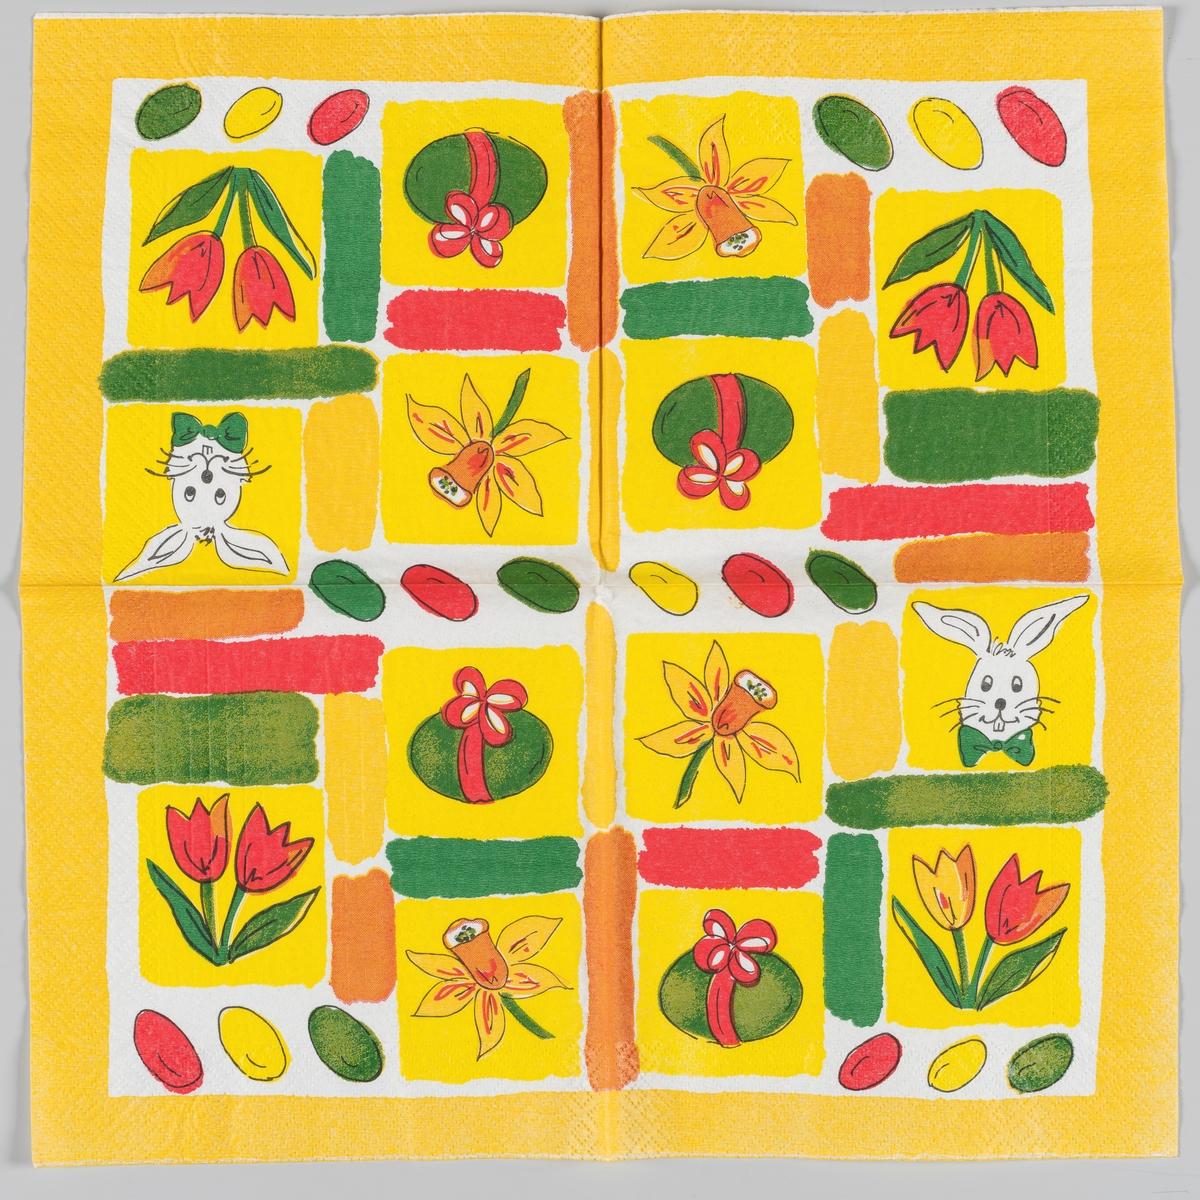 Servietten er delt inn i felter med ulike motiver. Et påskeegg med sløyfe. En kanin med sløyfe. To tulipaner. En påskelilje. Tre kulørte påskeegg. Gule, røde, oranske og grønne brede striper. Gul kant.